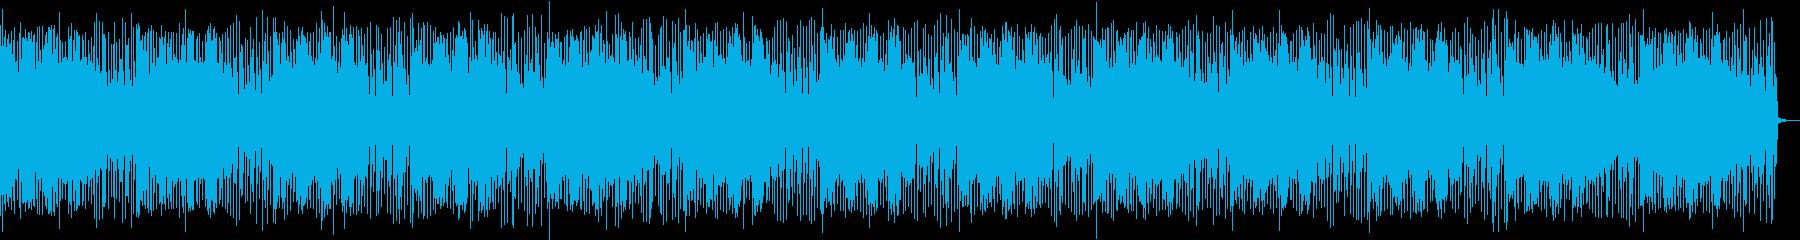 シンセとドラムの暗いLo-Fi BGMの再生済みの波形